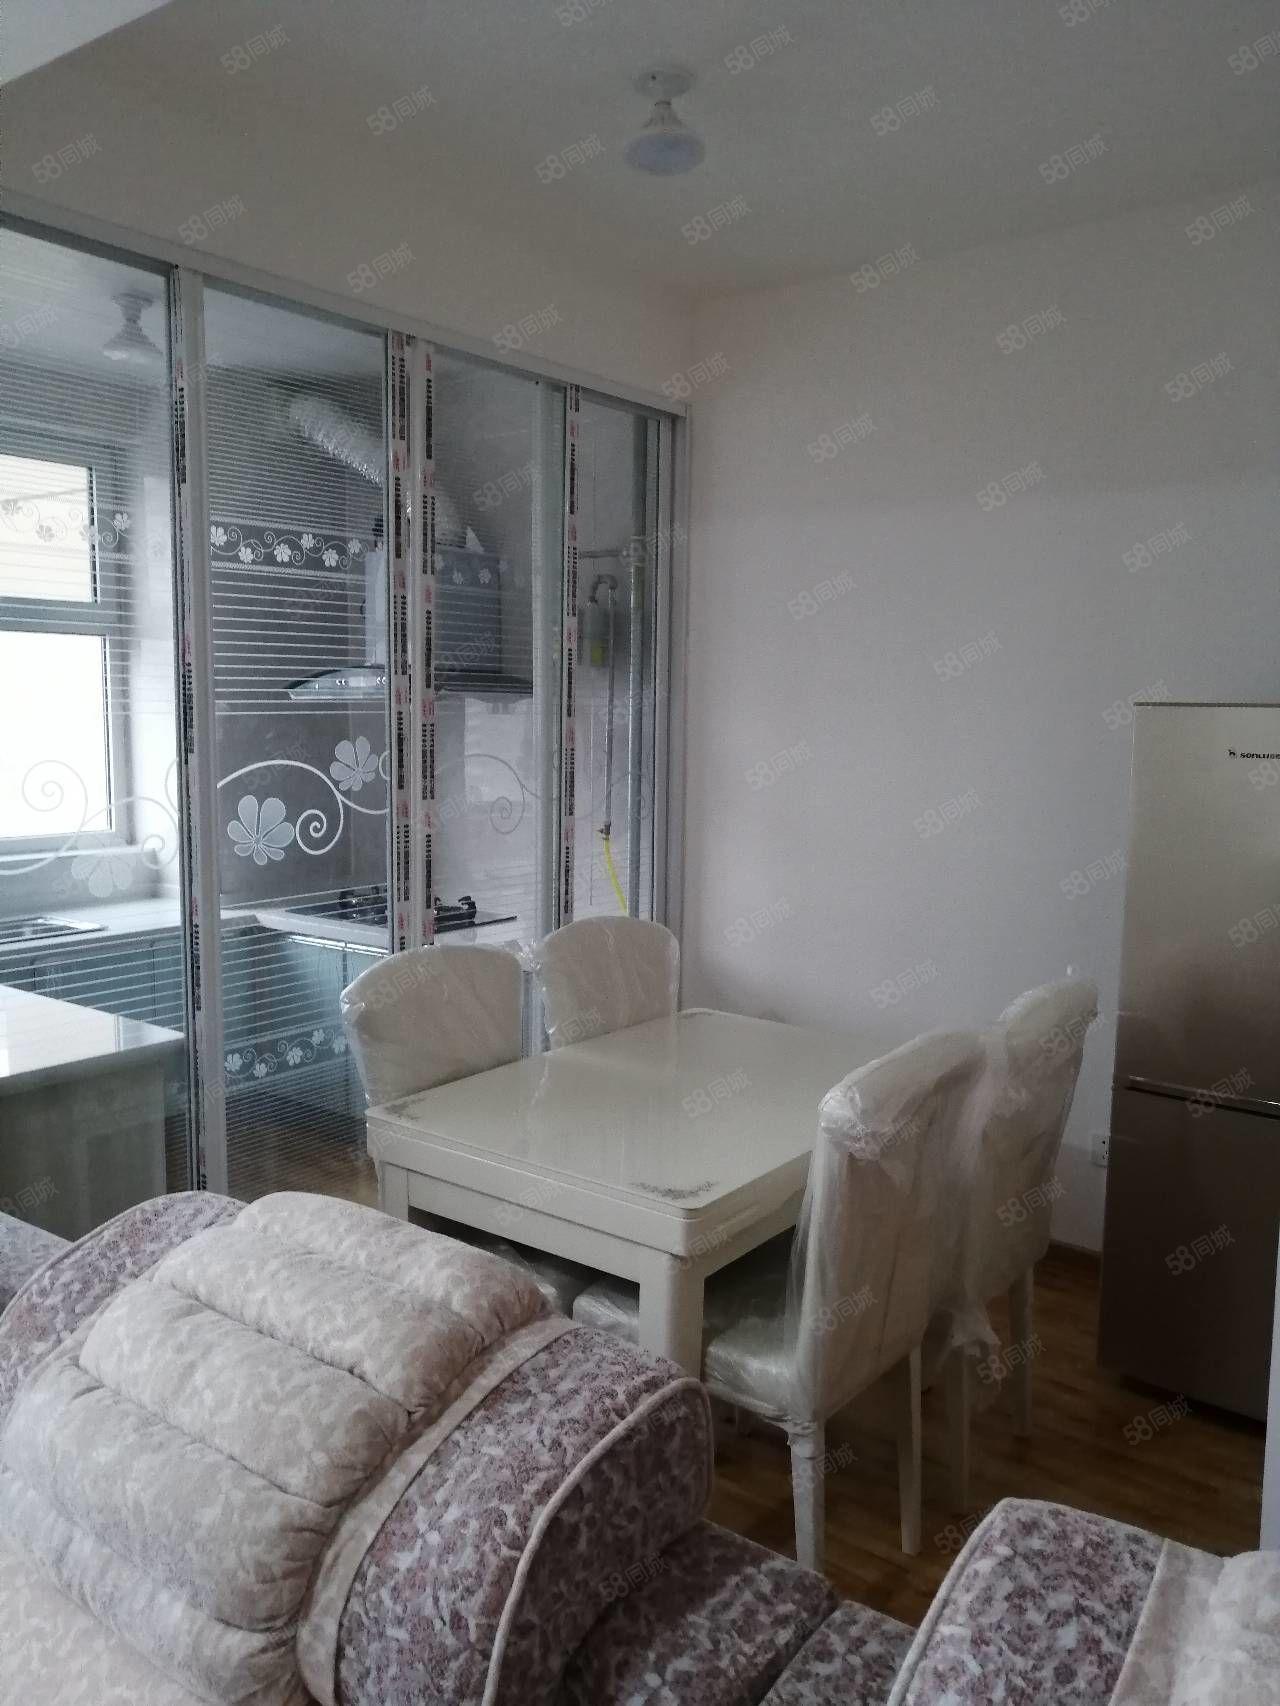 新华区东方世纪城南区二室家具家电齐全全新首次出租1600